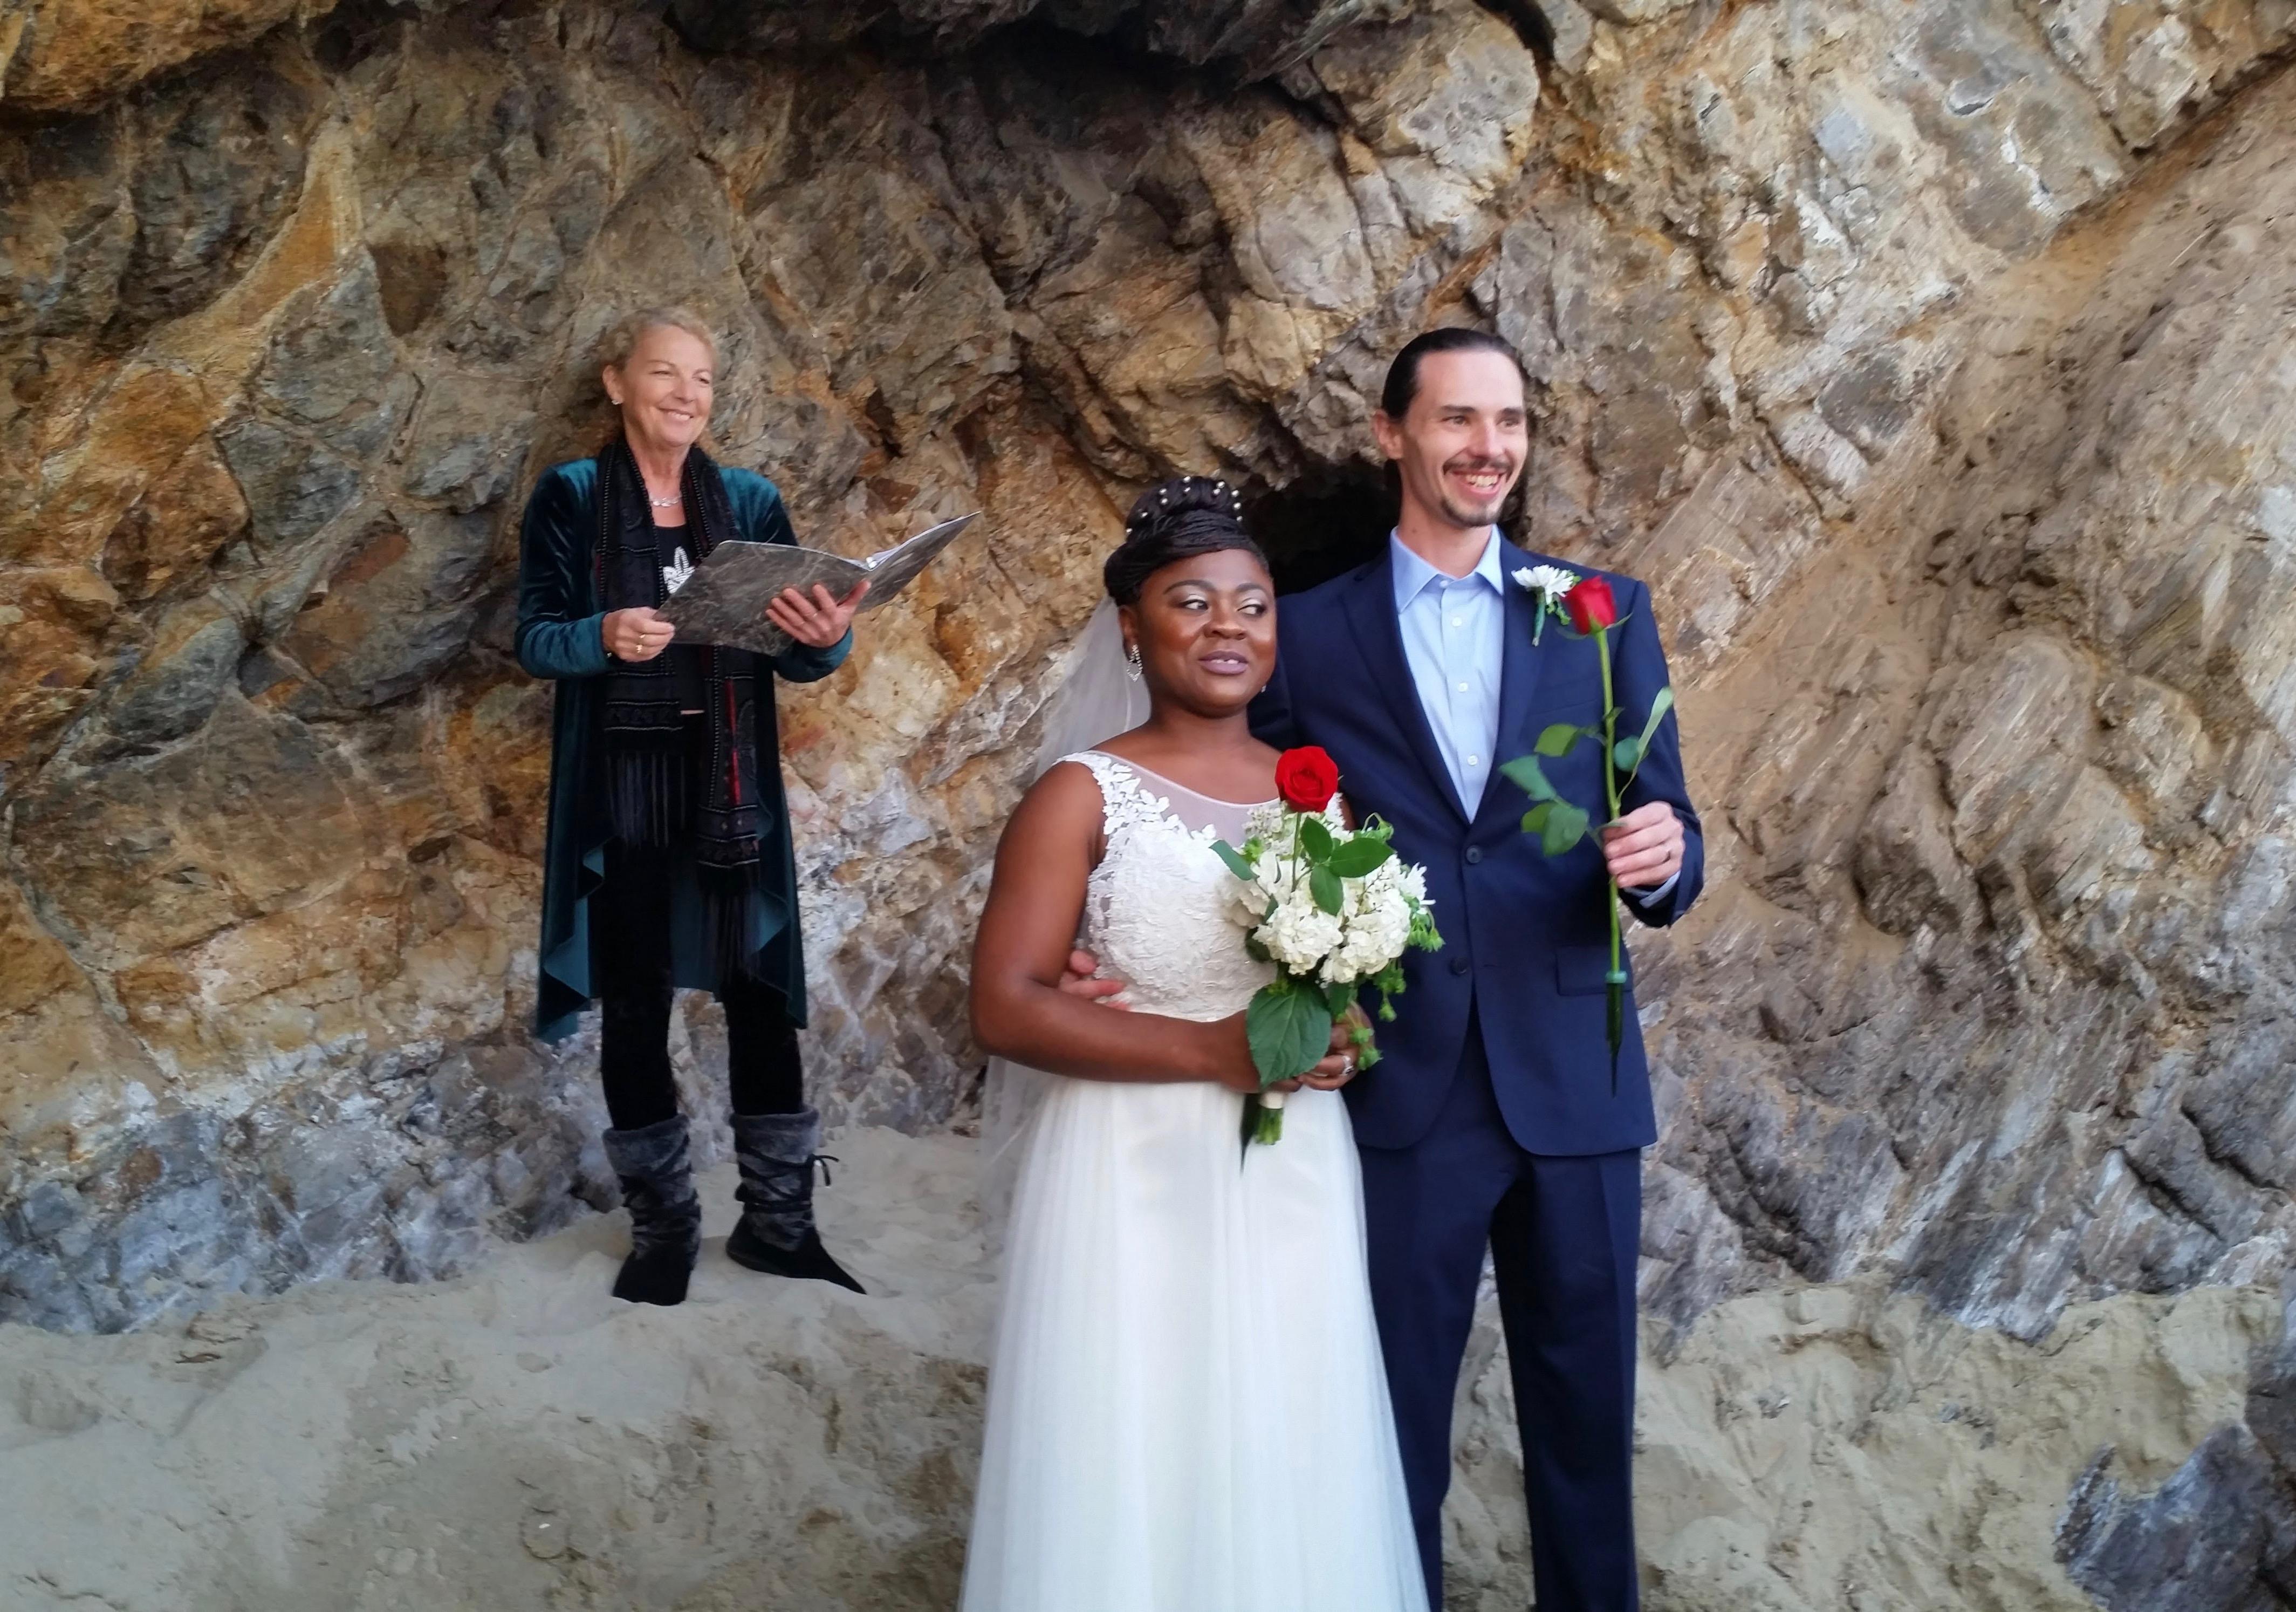 Steven and Ghislaine wedding